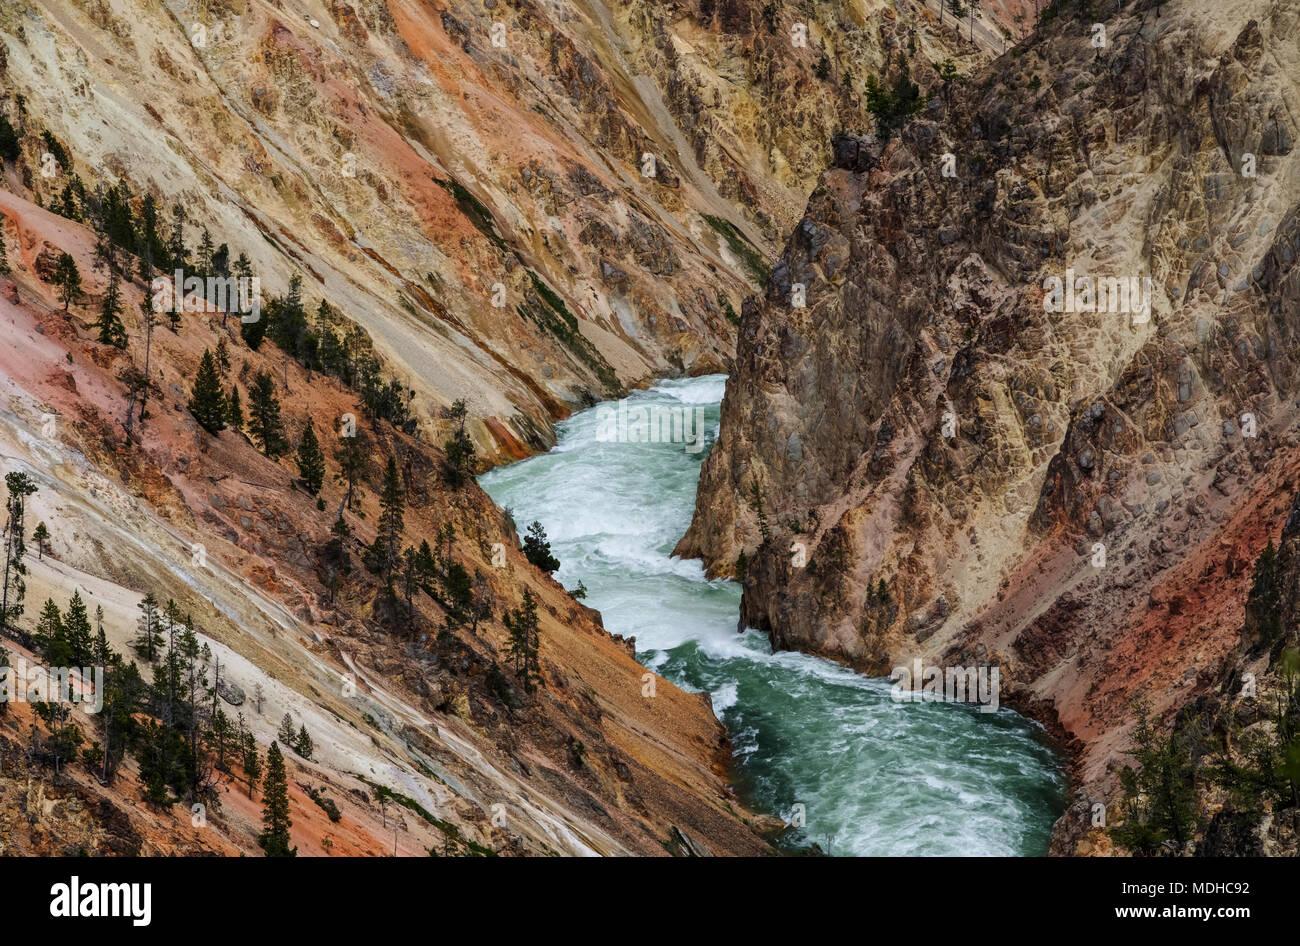 Yellowstone Fiume che scorre attraverso il canyon, il Parco Nazionale di Yellowstone; Wyoming, Stati Uniti d'America Immagini Stock